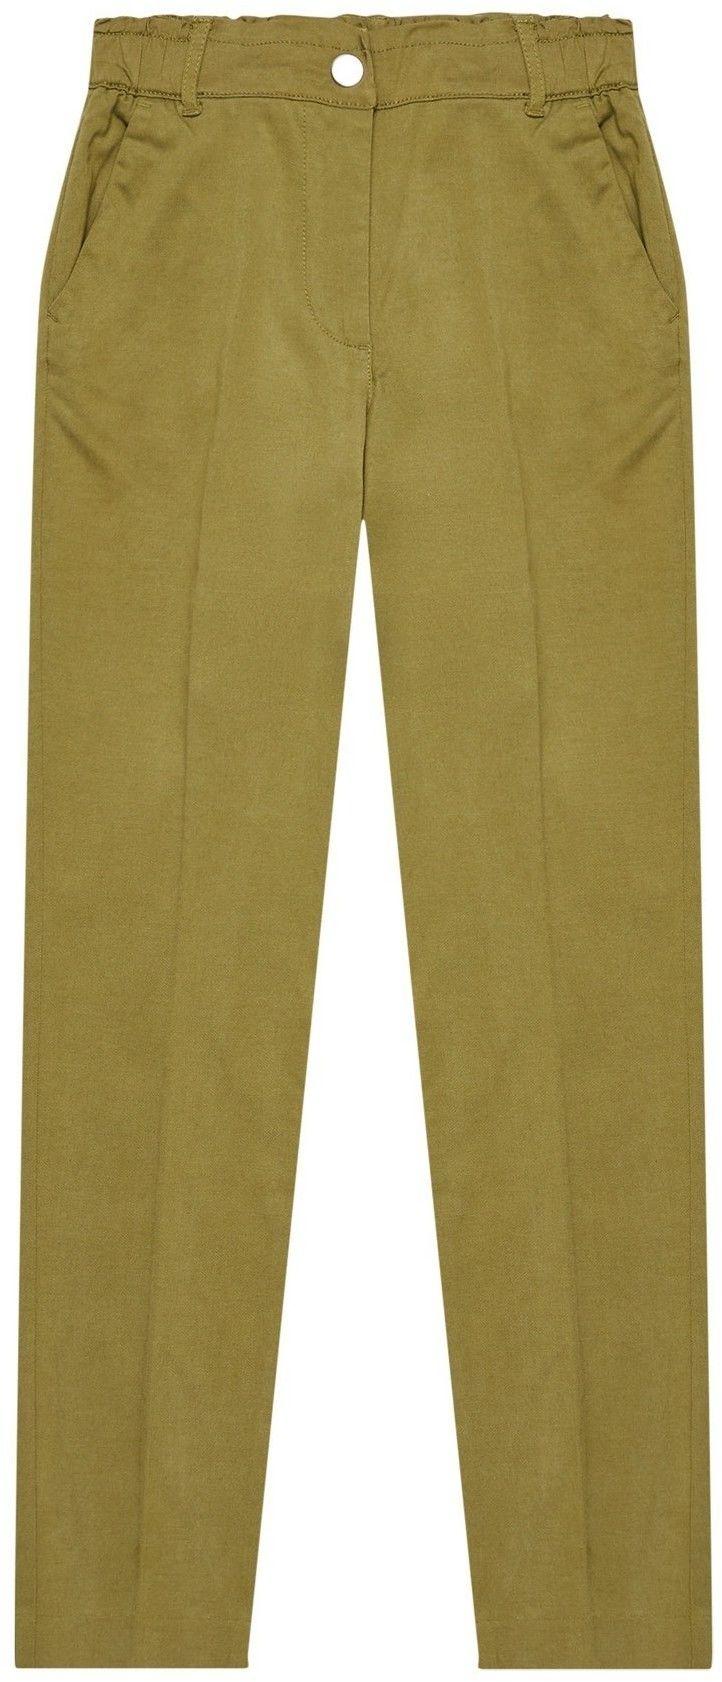 Spodnie chinos z lyocellem